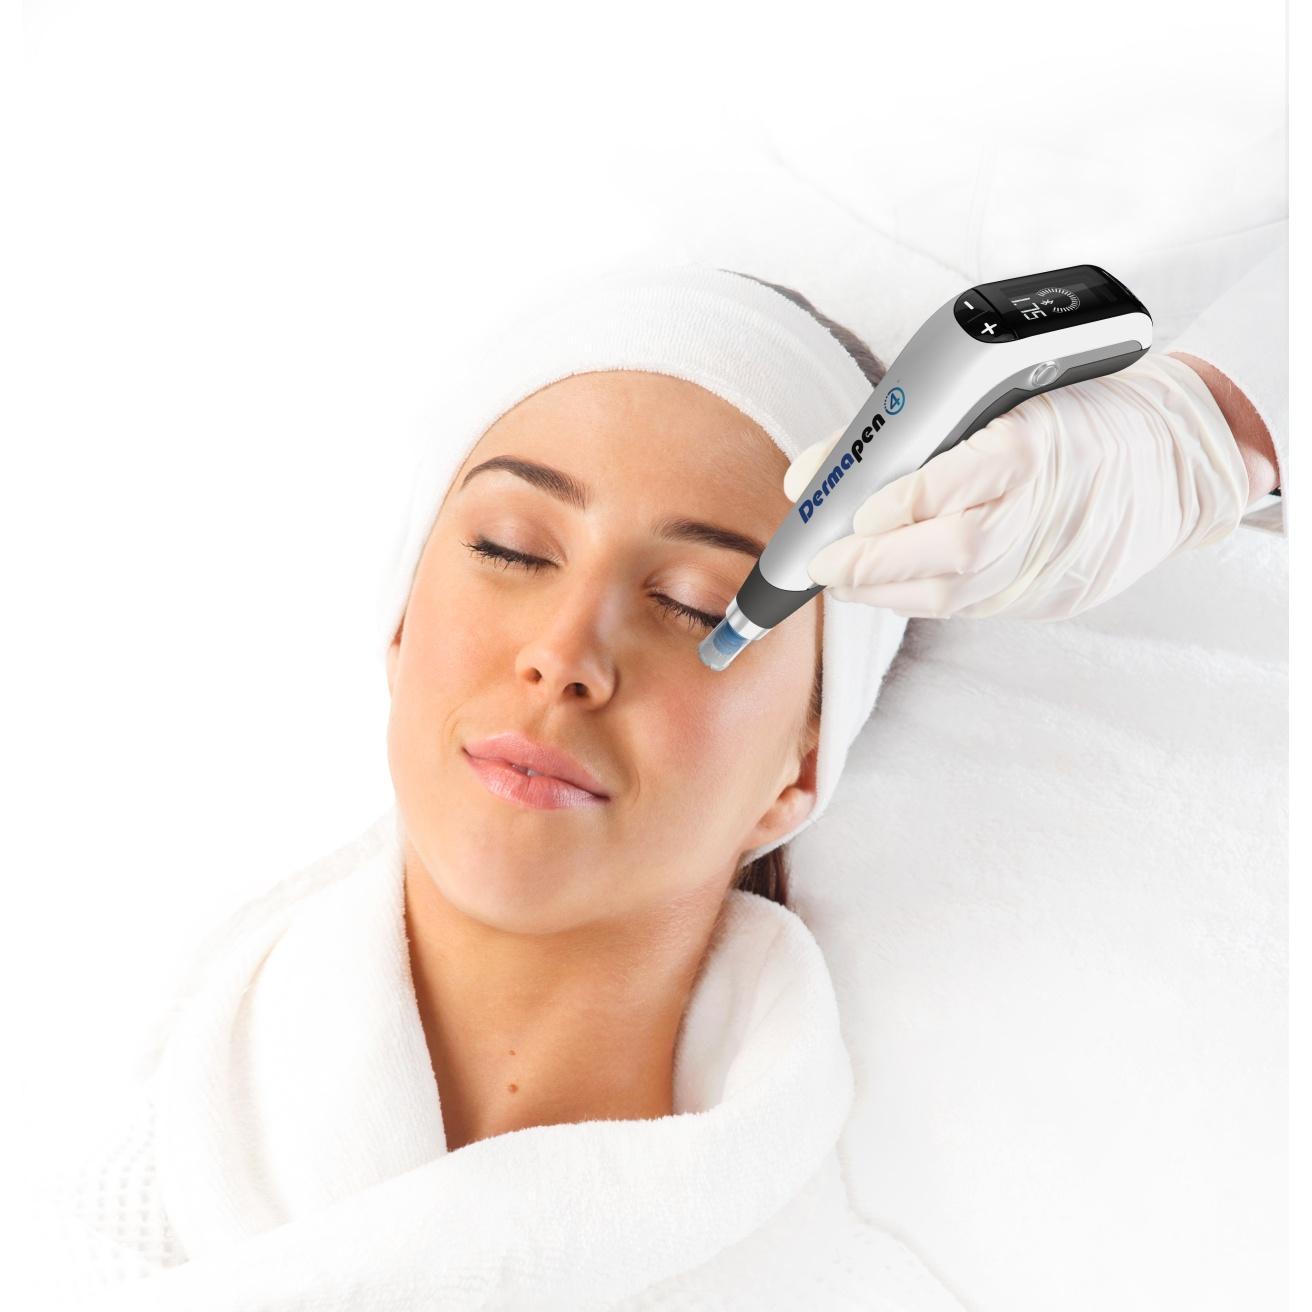 Gesichtsfalten werden mit feinen Nadeln behandelt